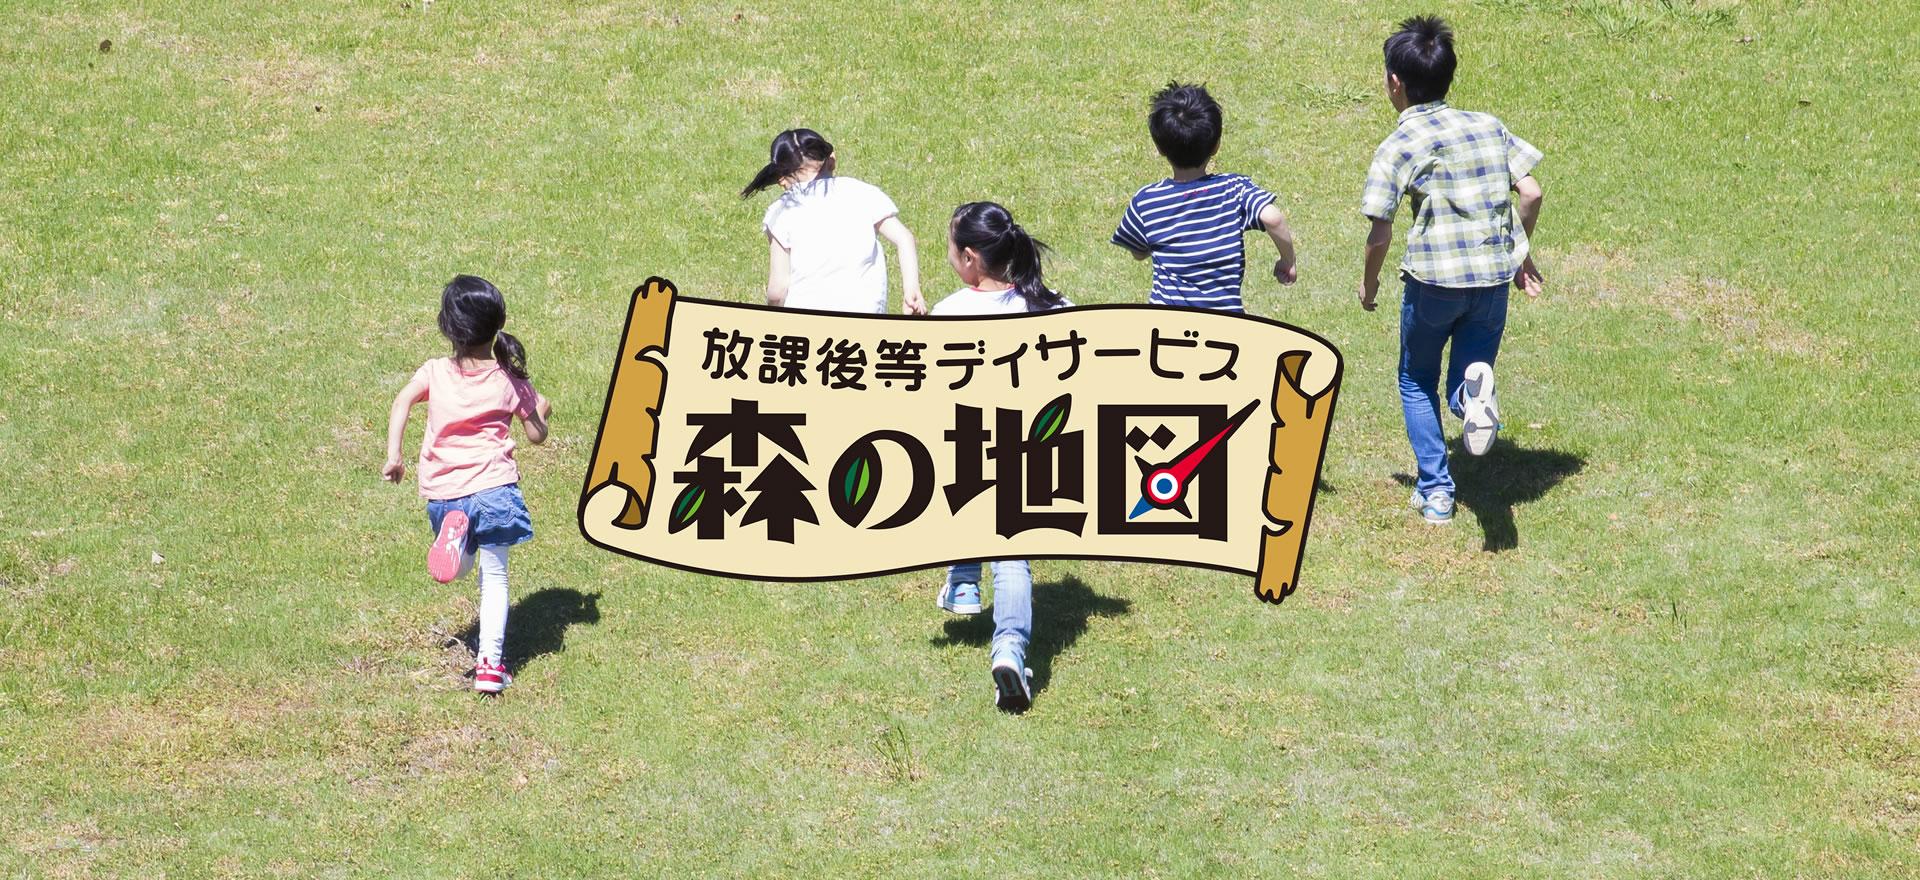 放課後等デイサービス 森の地図/東大阪市中新開/児童発達支援、放課後等デイサービス、療育プログラム/合同会社 ラーフベース